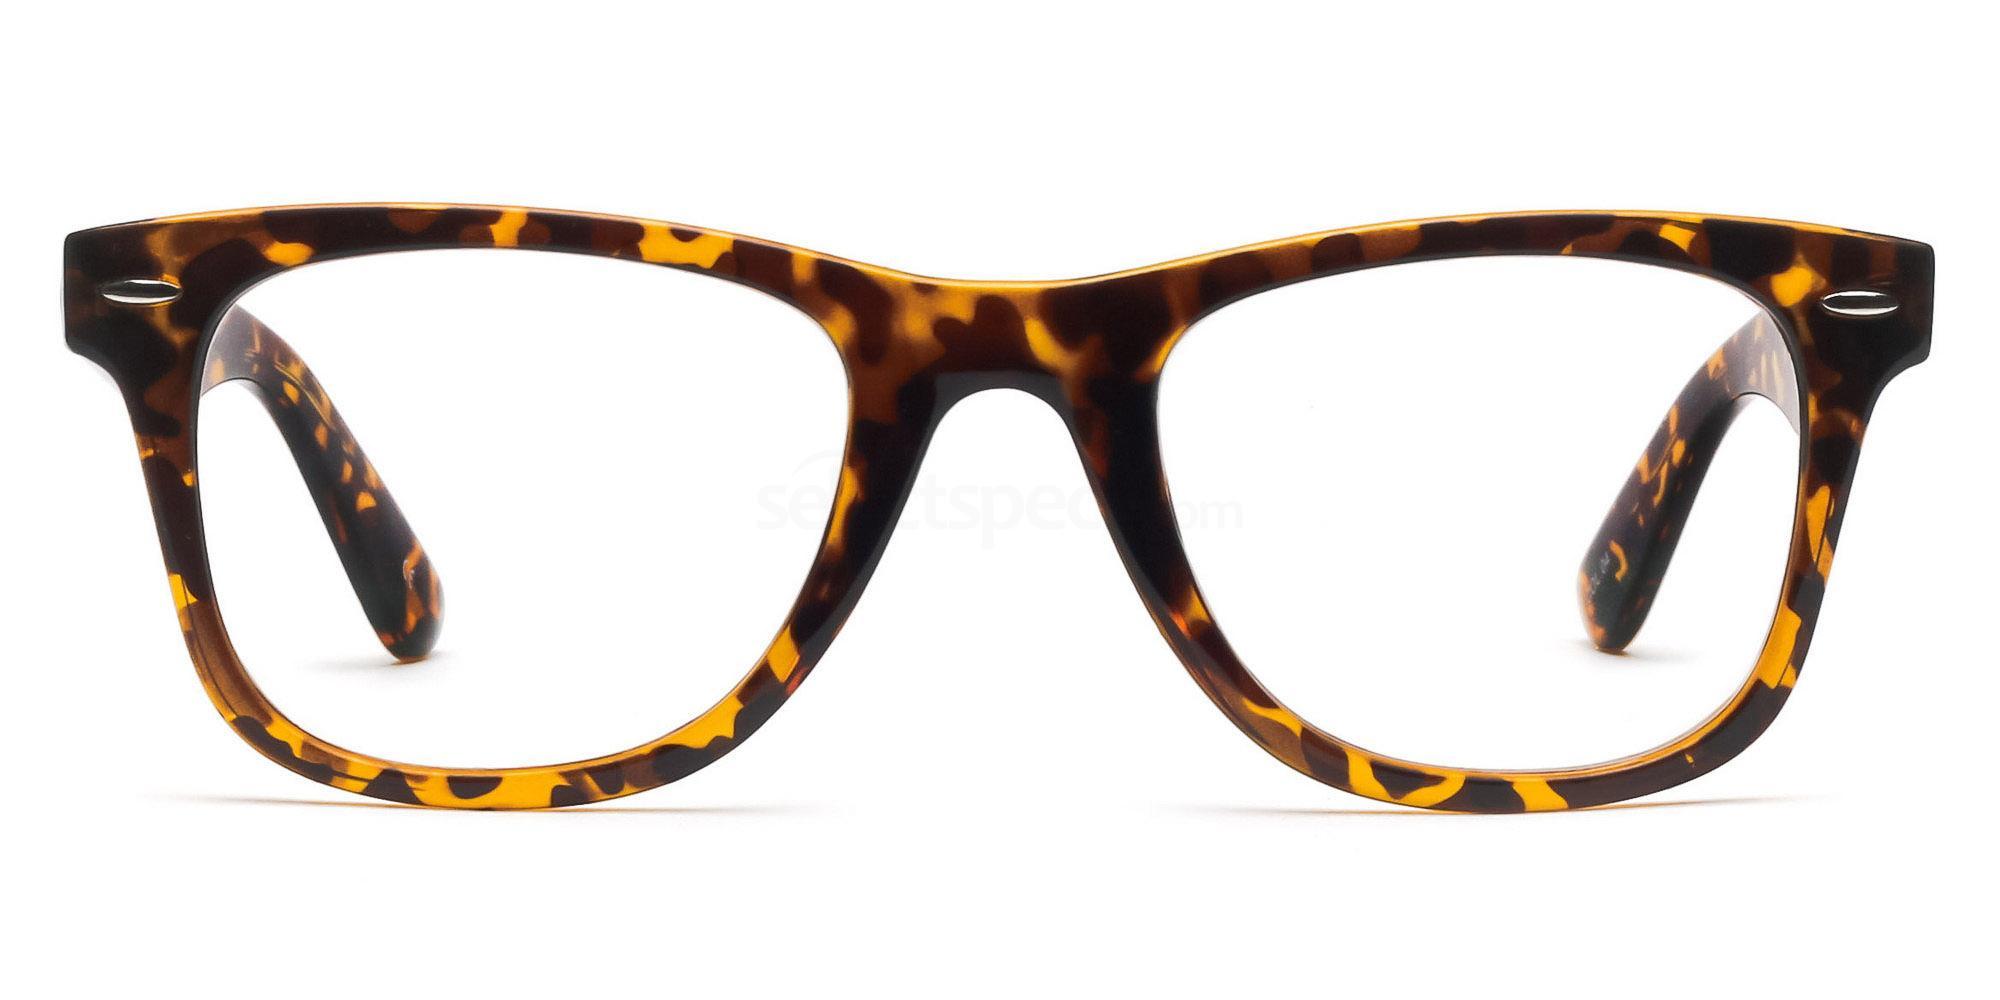 Havana P2429 - Havana Glasses, Savannah